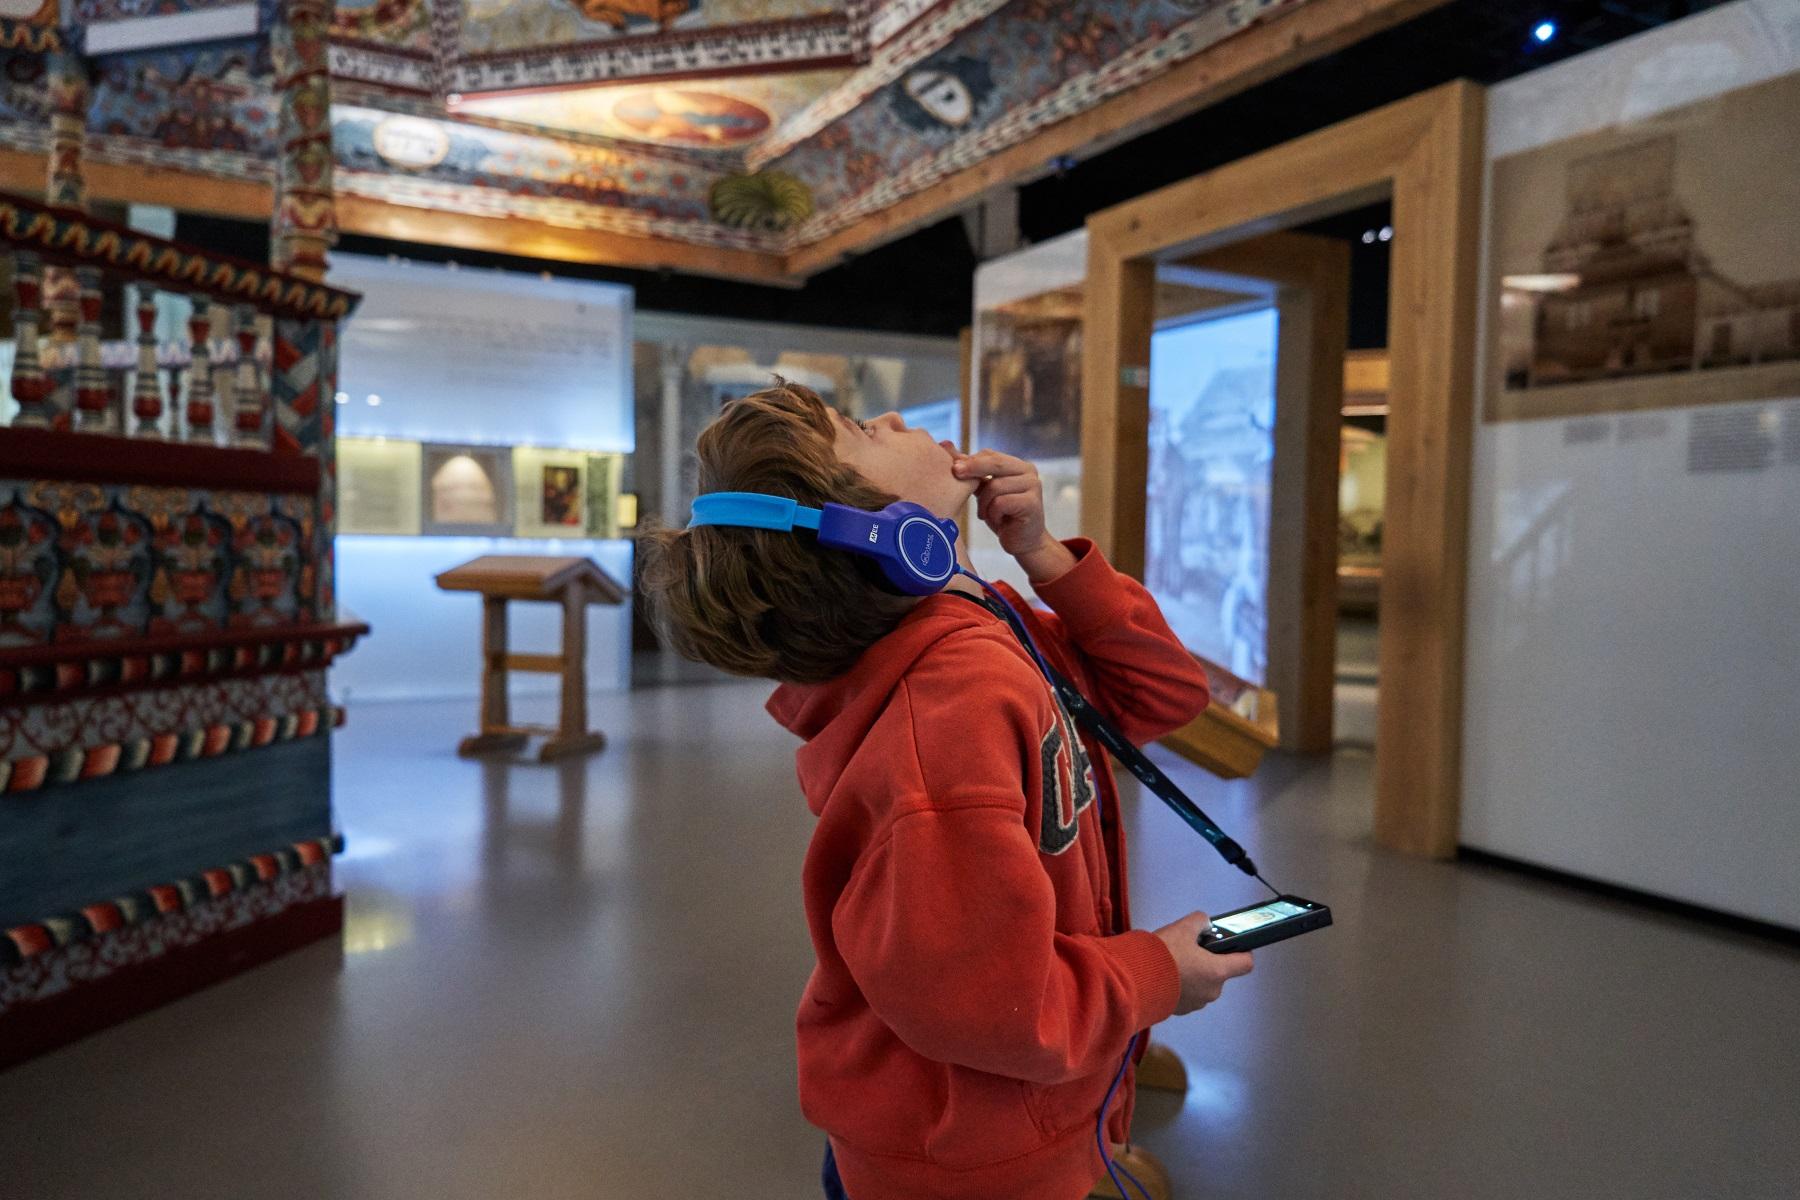 Audioprzewodnik dla całej rodziny - nowość w Muzeum POLIN